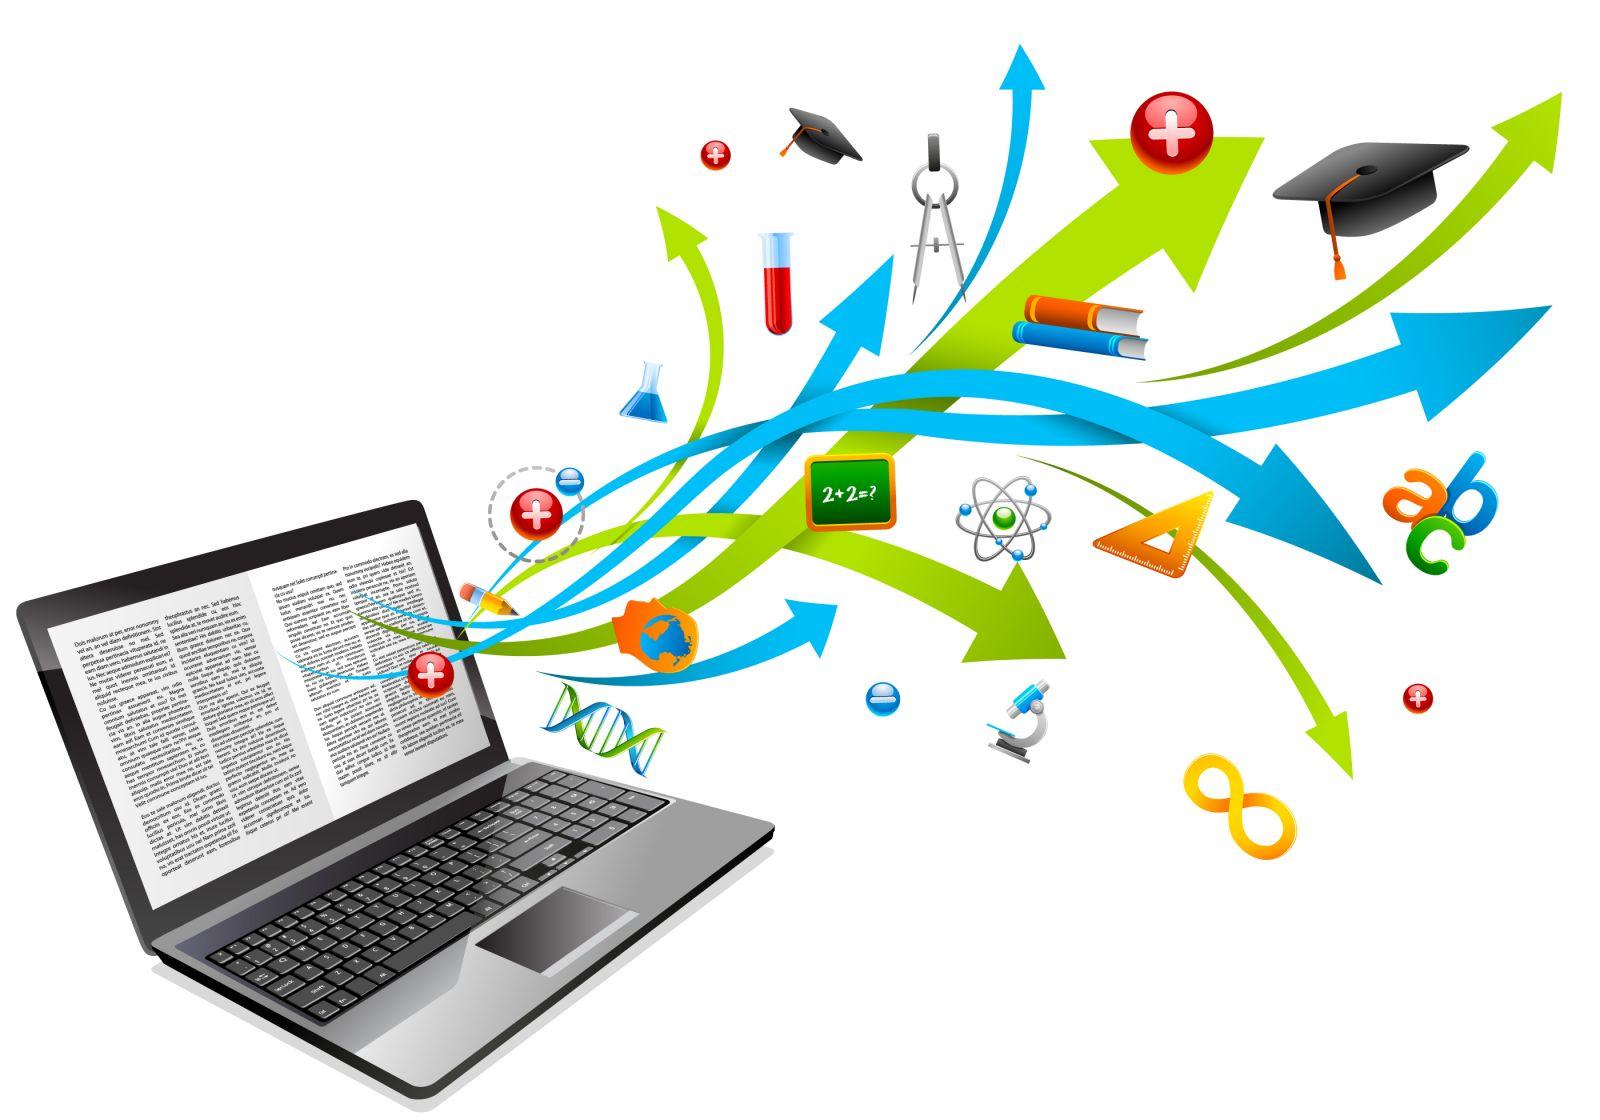 Hipertexto: uma evolução nas formas de escrita e leitura